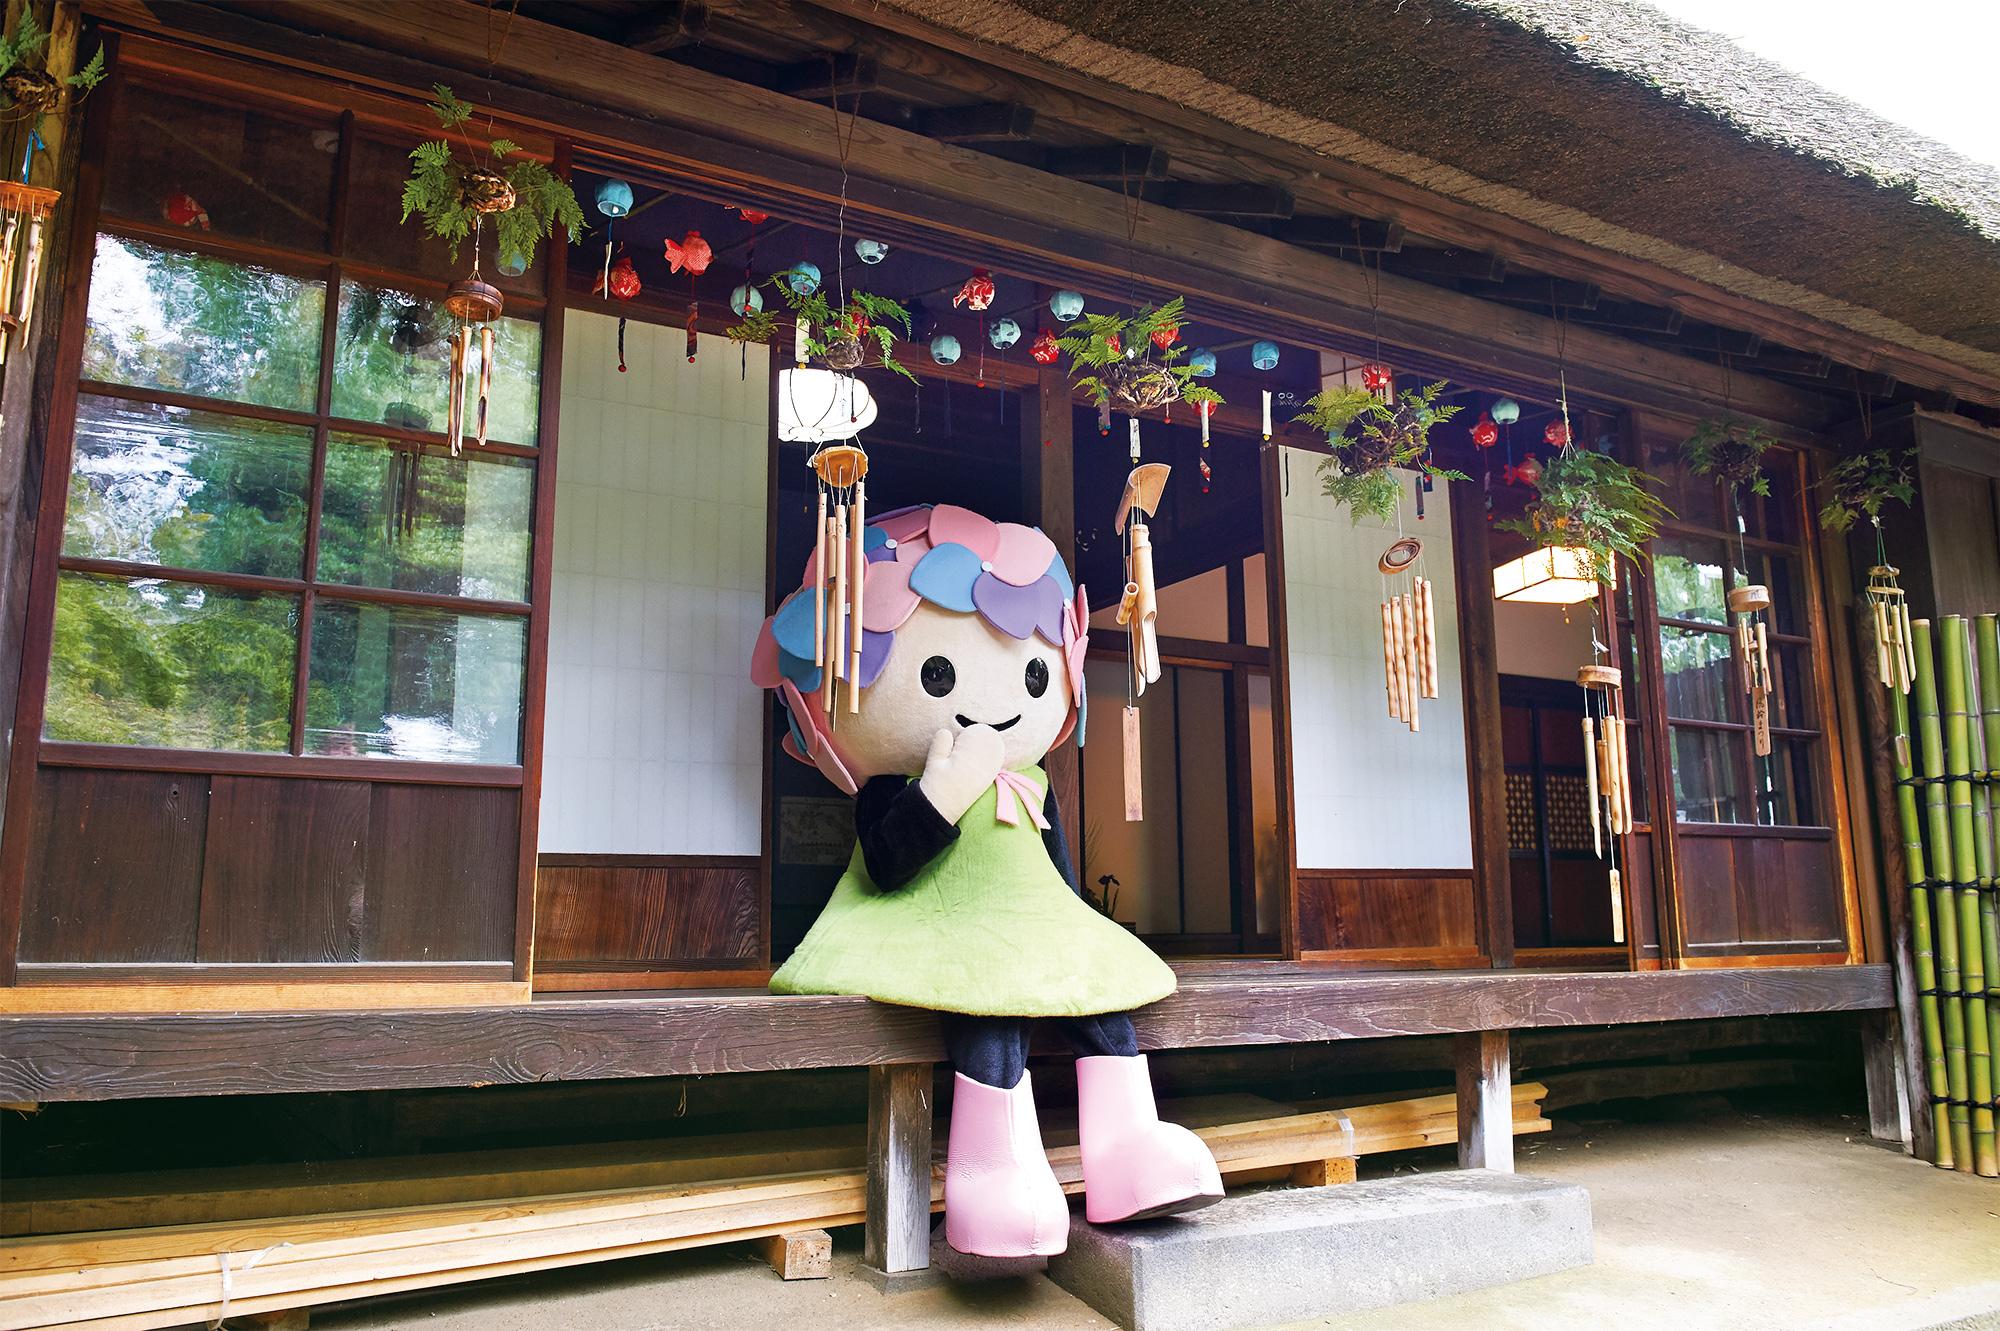 開成町 瀬戸屋敷 風鈴まつり 2017年6月13日(火)~18日(日) 開催します!